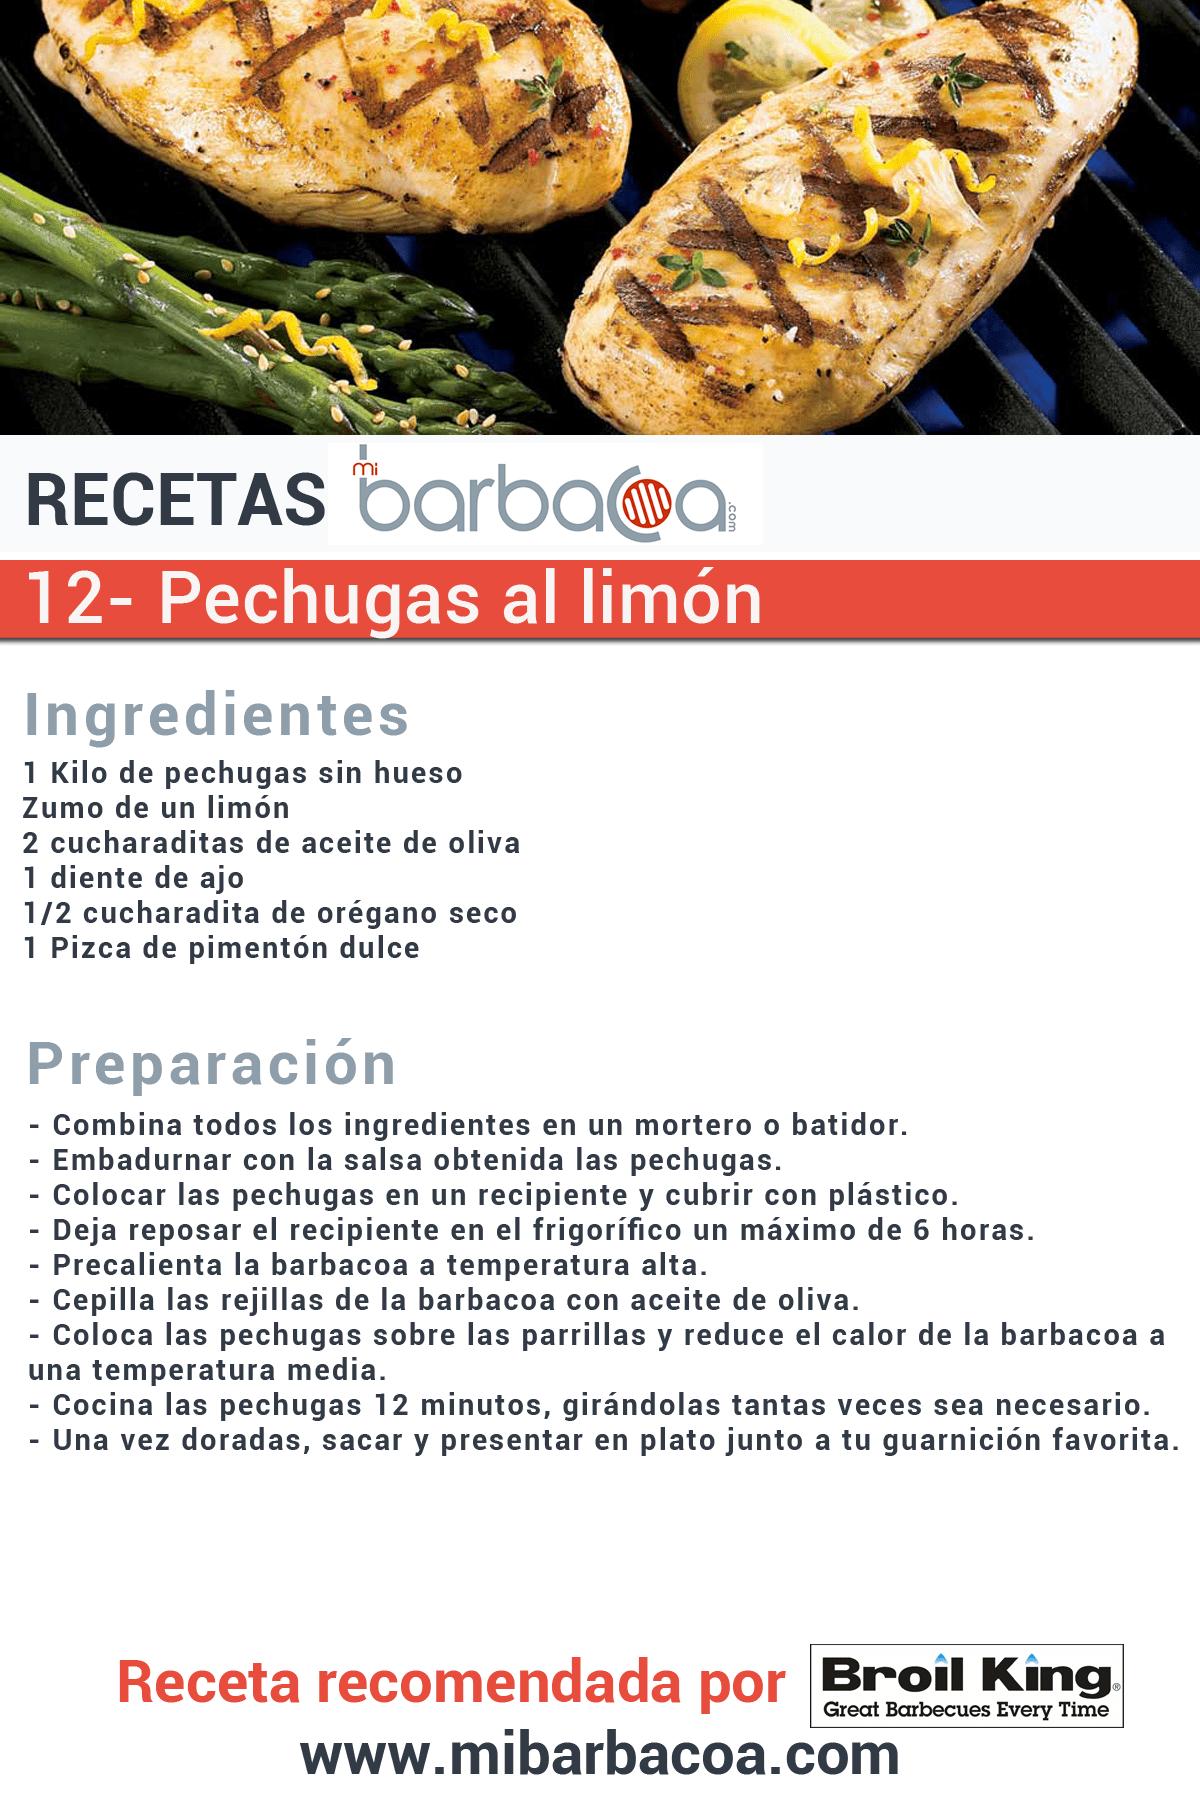 Recetas para barbacoa - mibarbacoa.com - barbacoa - barbacoas - bbq - parrilla - cocina - recetas